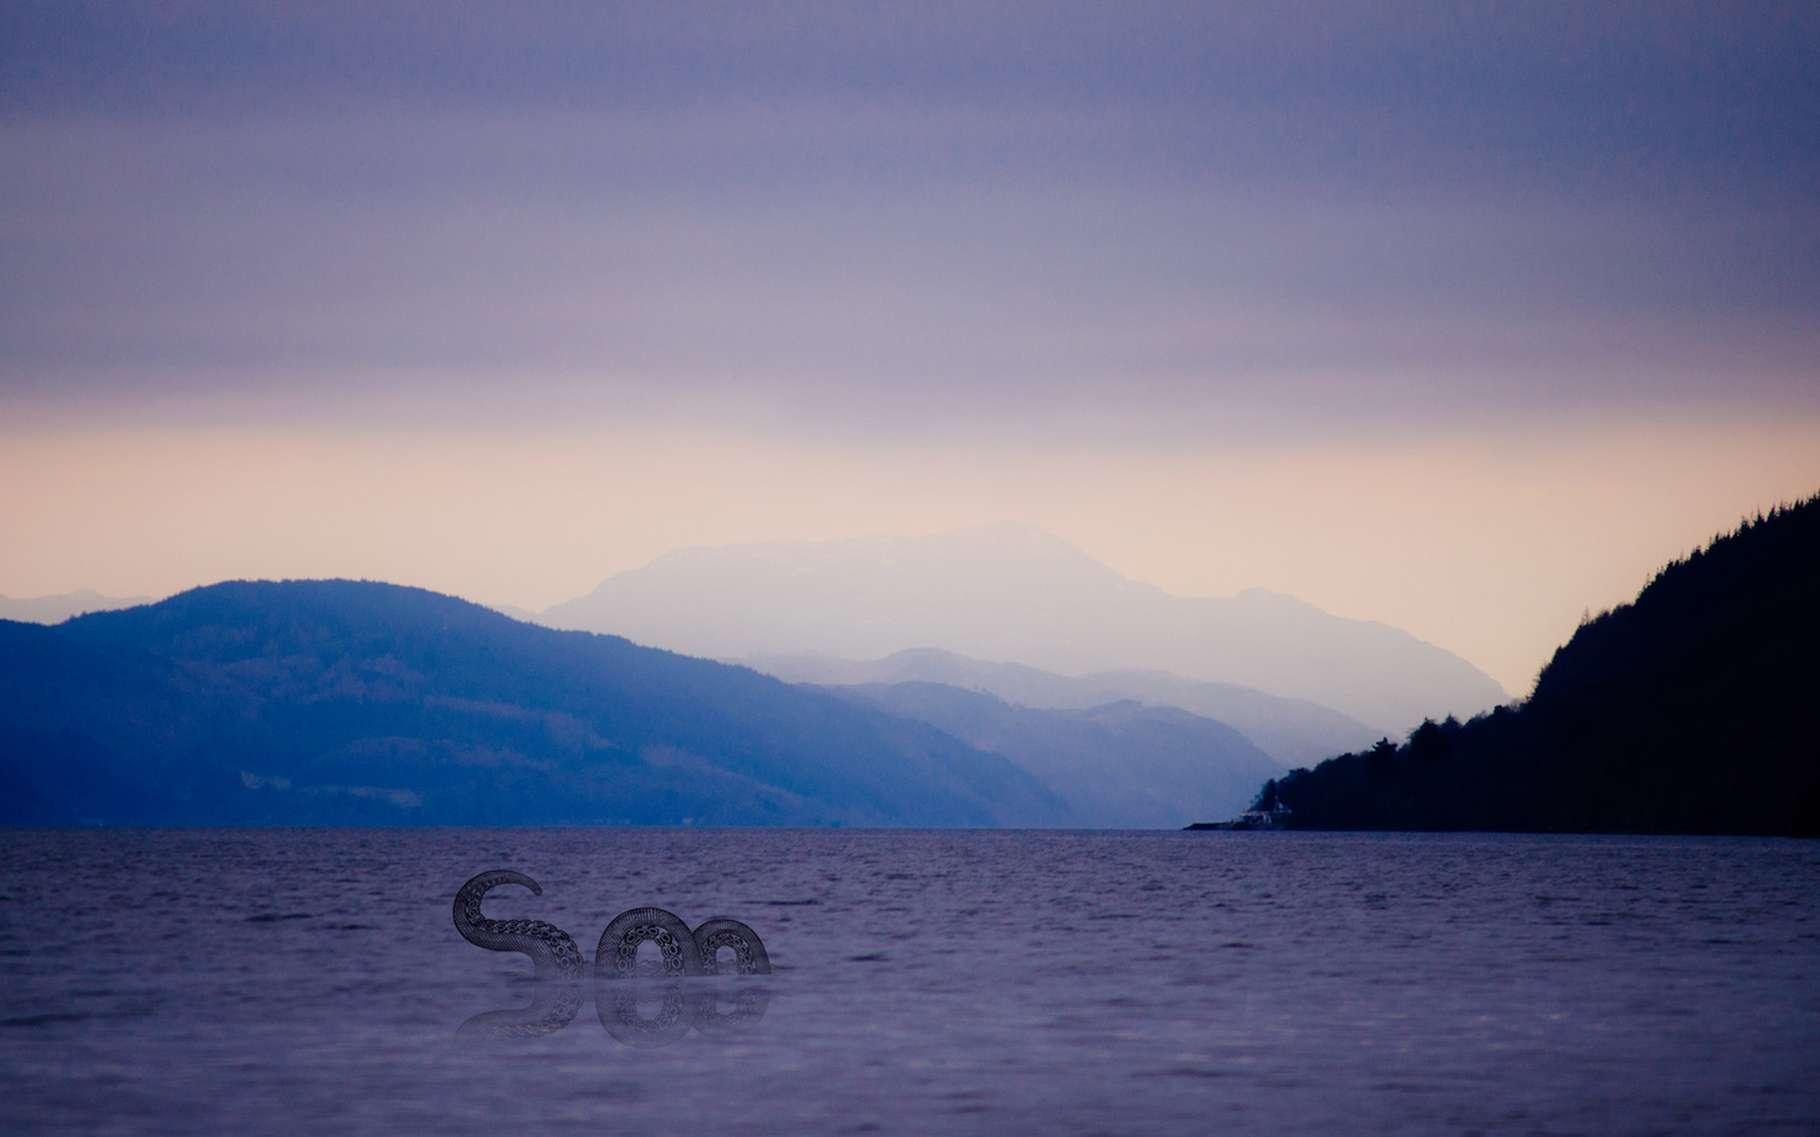 Le mystère du monstre du Loch Ness toucherait-il à sa fin ? © Voros Gergely, Fotolia